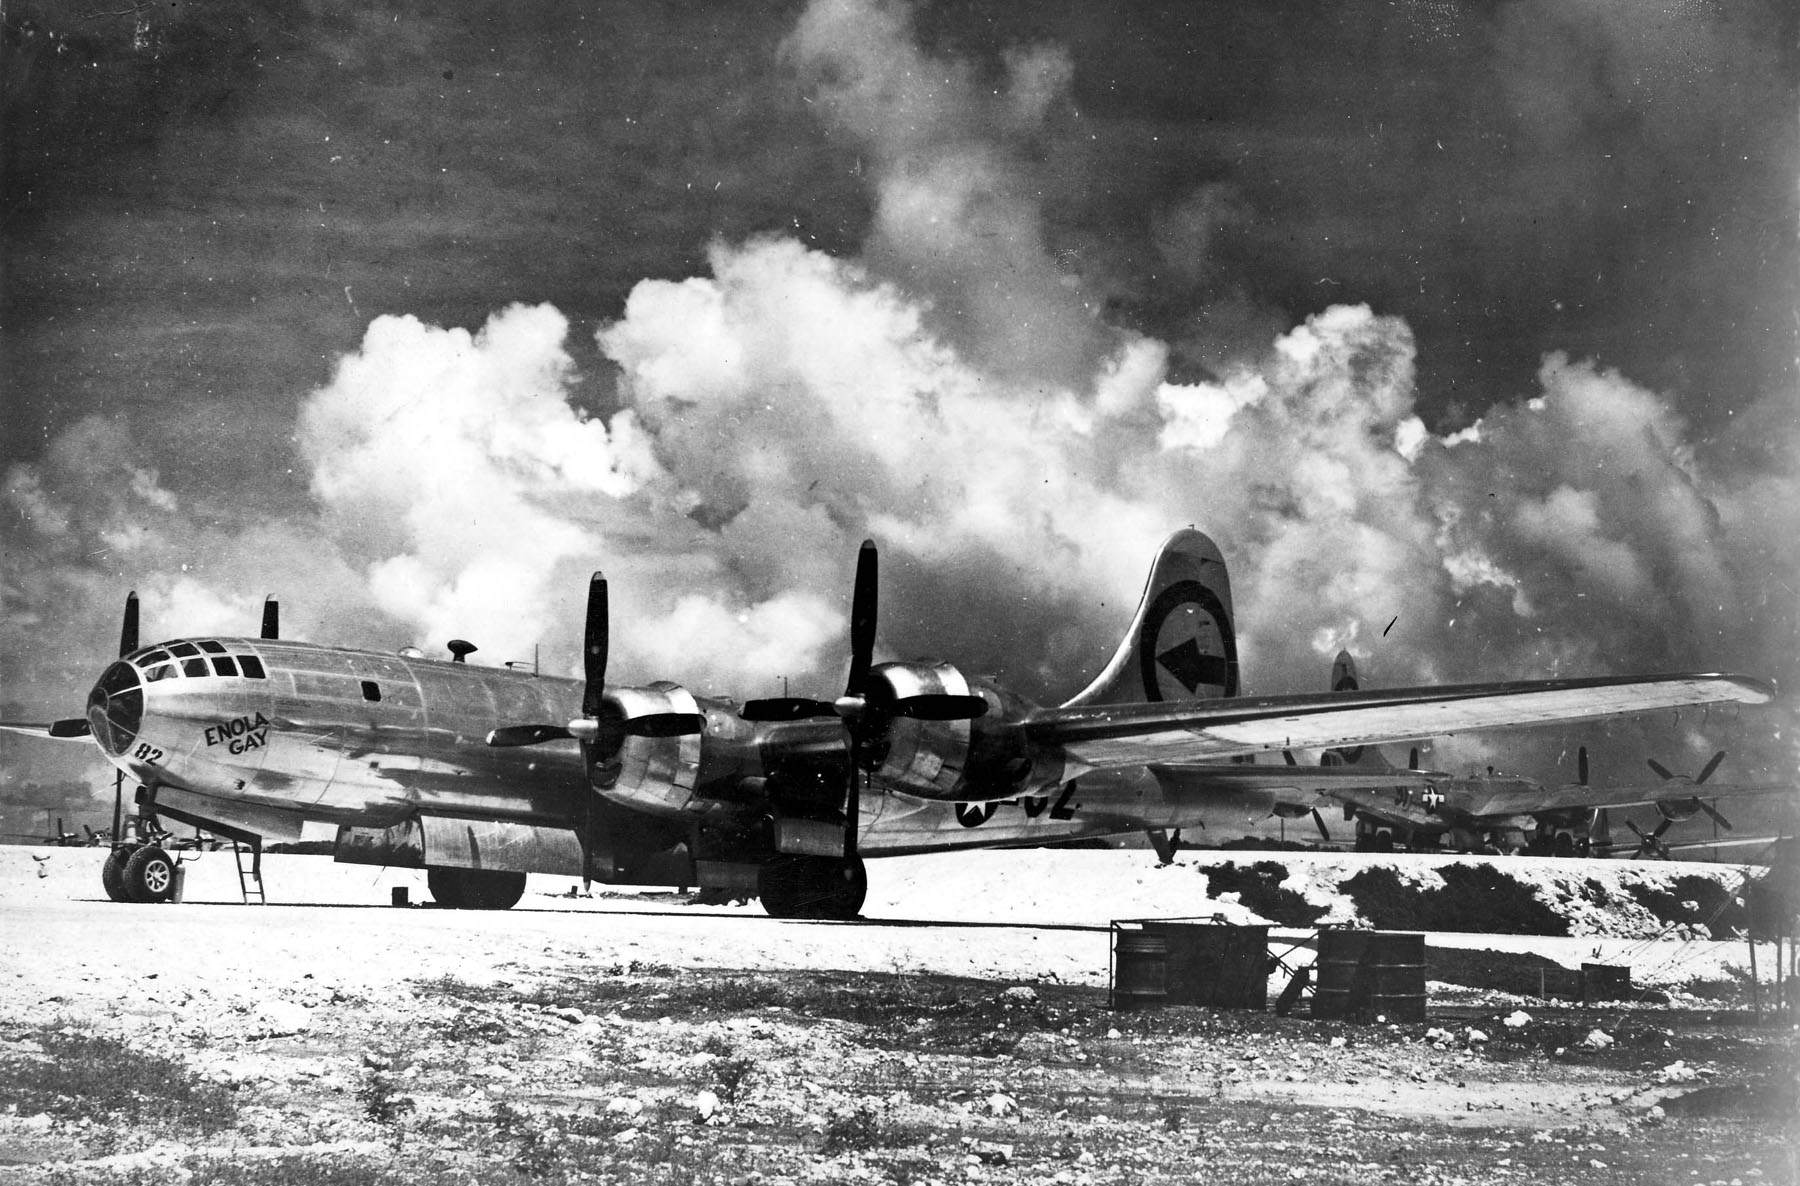 Enola gay - Le Enola Gay : Le 6 août 1945 à 8H15, ce bombardier largua la première bombe atomique sur Hiroshima. 50 secondes plus tard, elle explosa à une altitude de 600 mètres détruisant la ville dans une immense boule de feu.